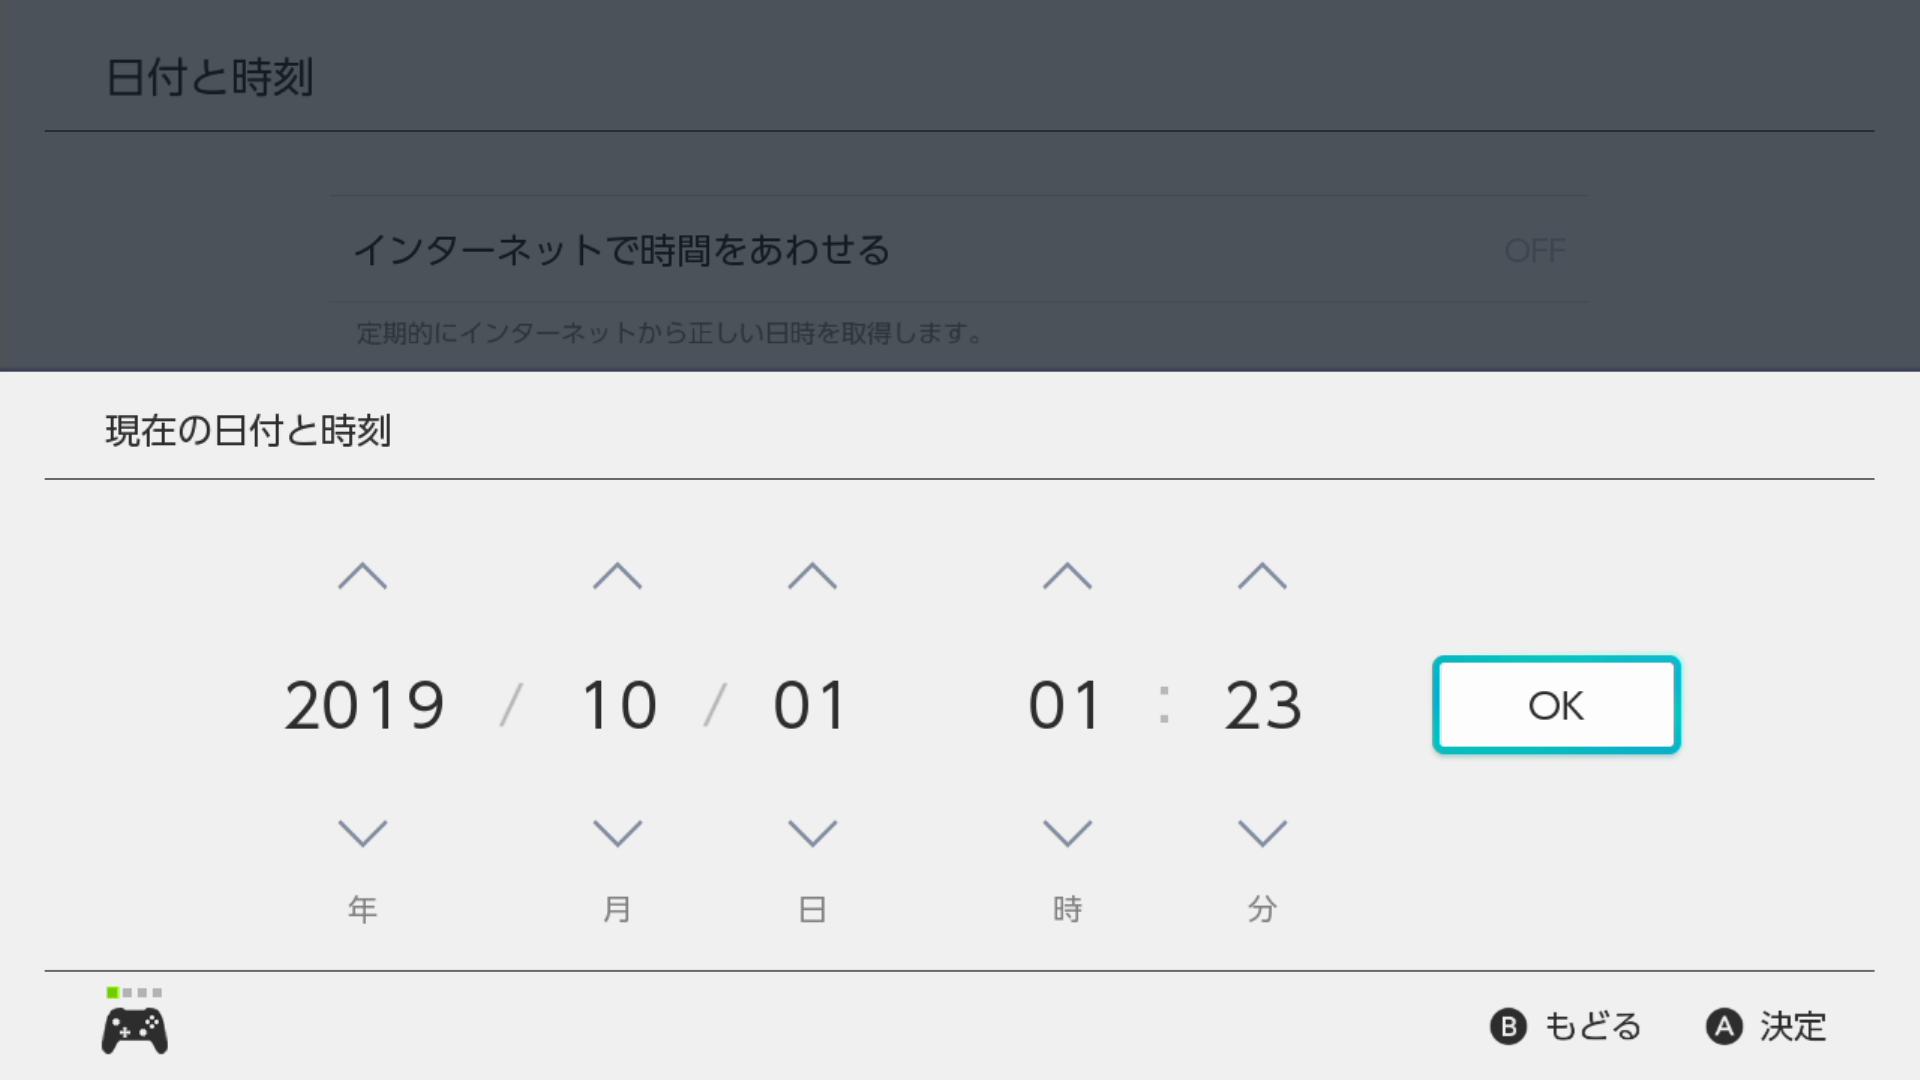 天気 ワイルド 剣 エリア ポケモン 盾